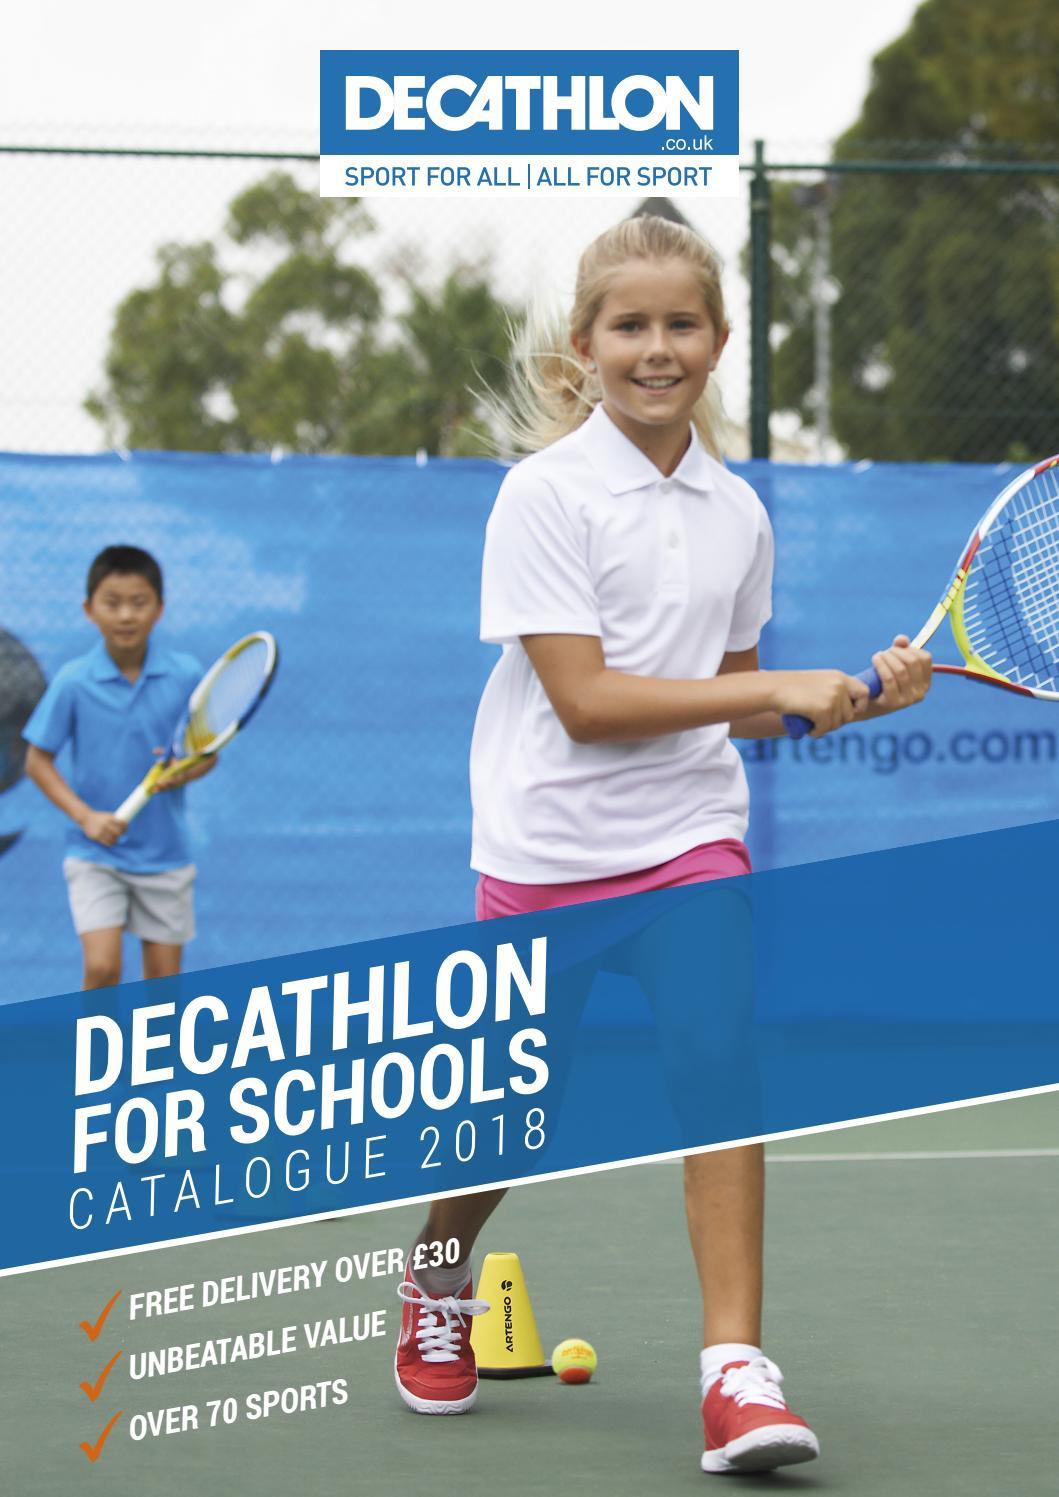 Decathlon Catalogue For Schools 2018 3 By Decathlon18 Issuu